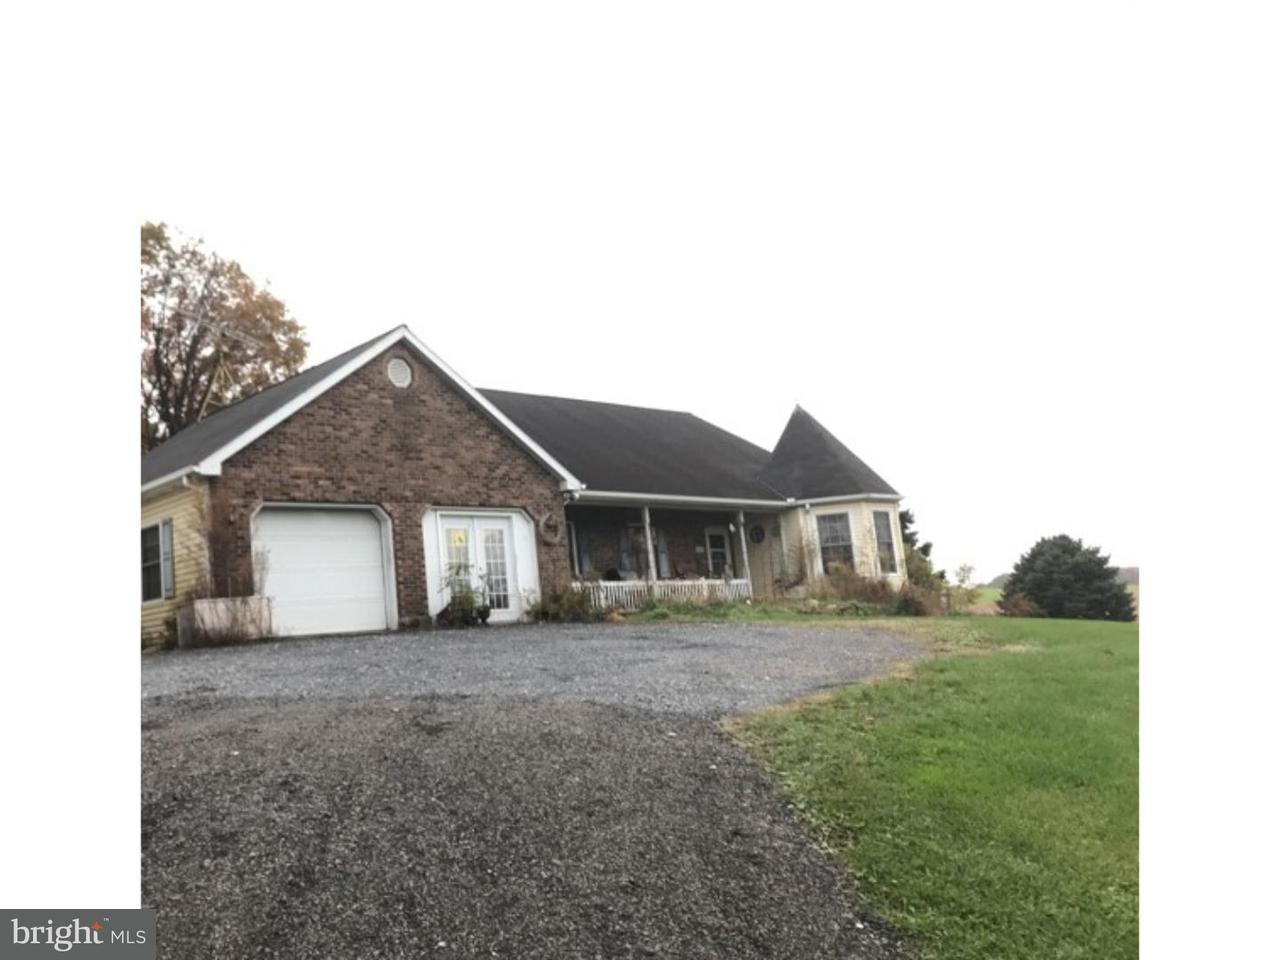 Частный односемейный дом для того Продажа на 9868 STAGECOACH Road Kempton, Пенсильвания 19529 Соединенные Штаты